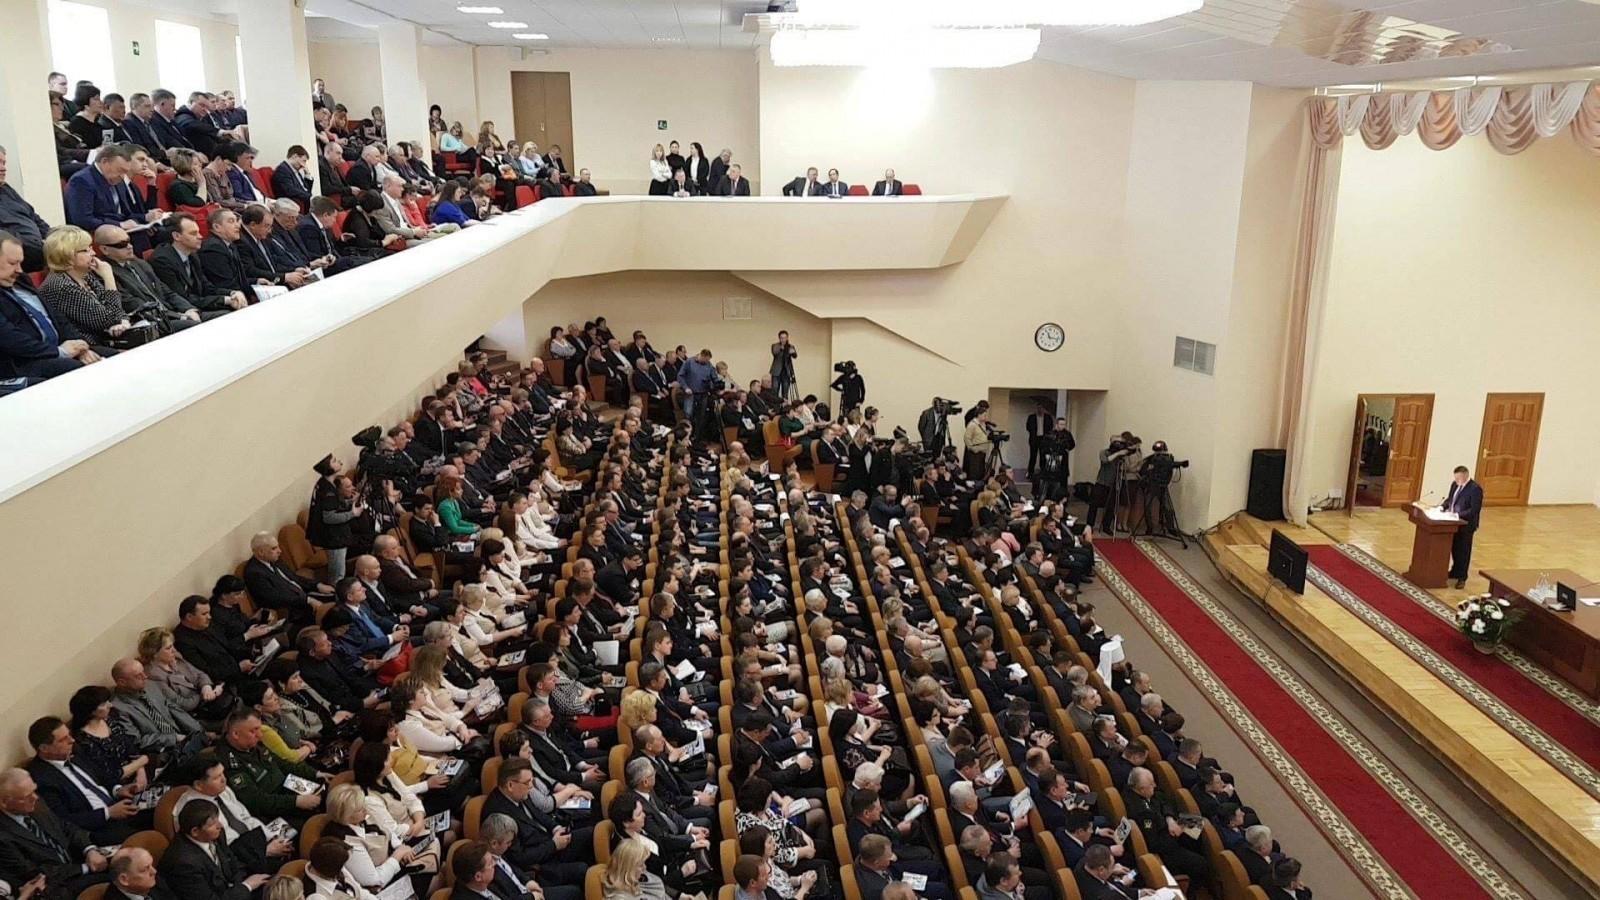 Александр Никитин призвал коллег уделить особое внимание политике народосбережения и улучшению качества жизни тамбовчан